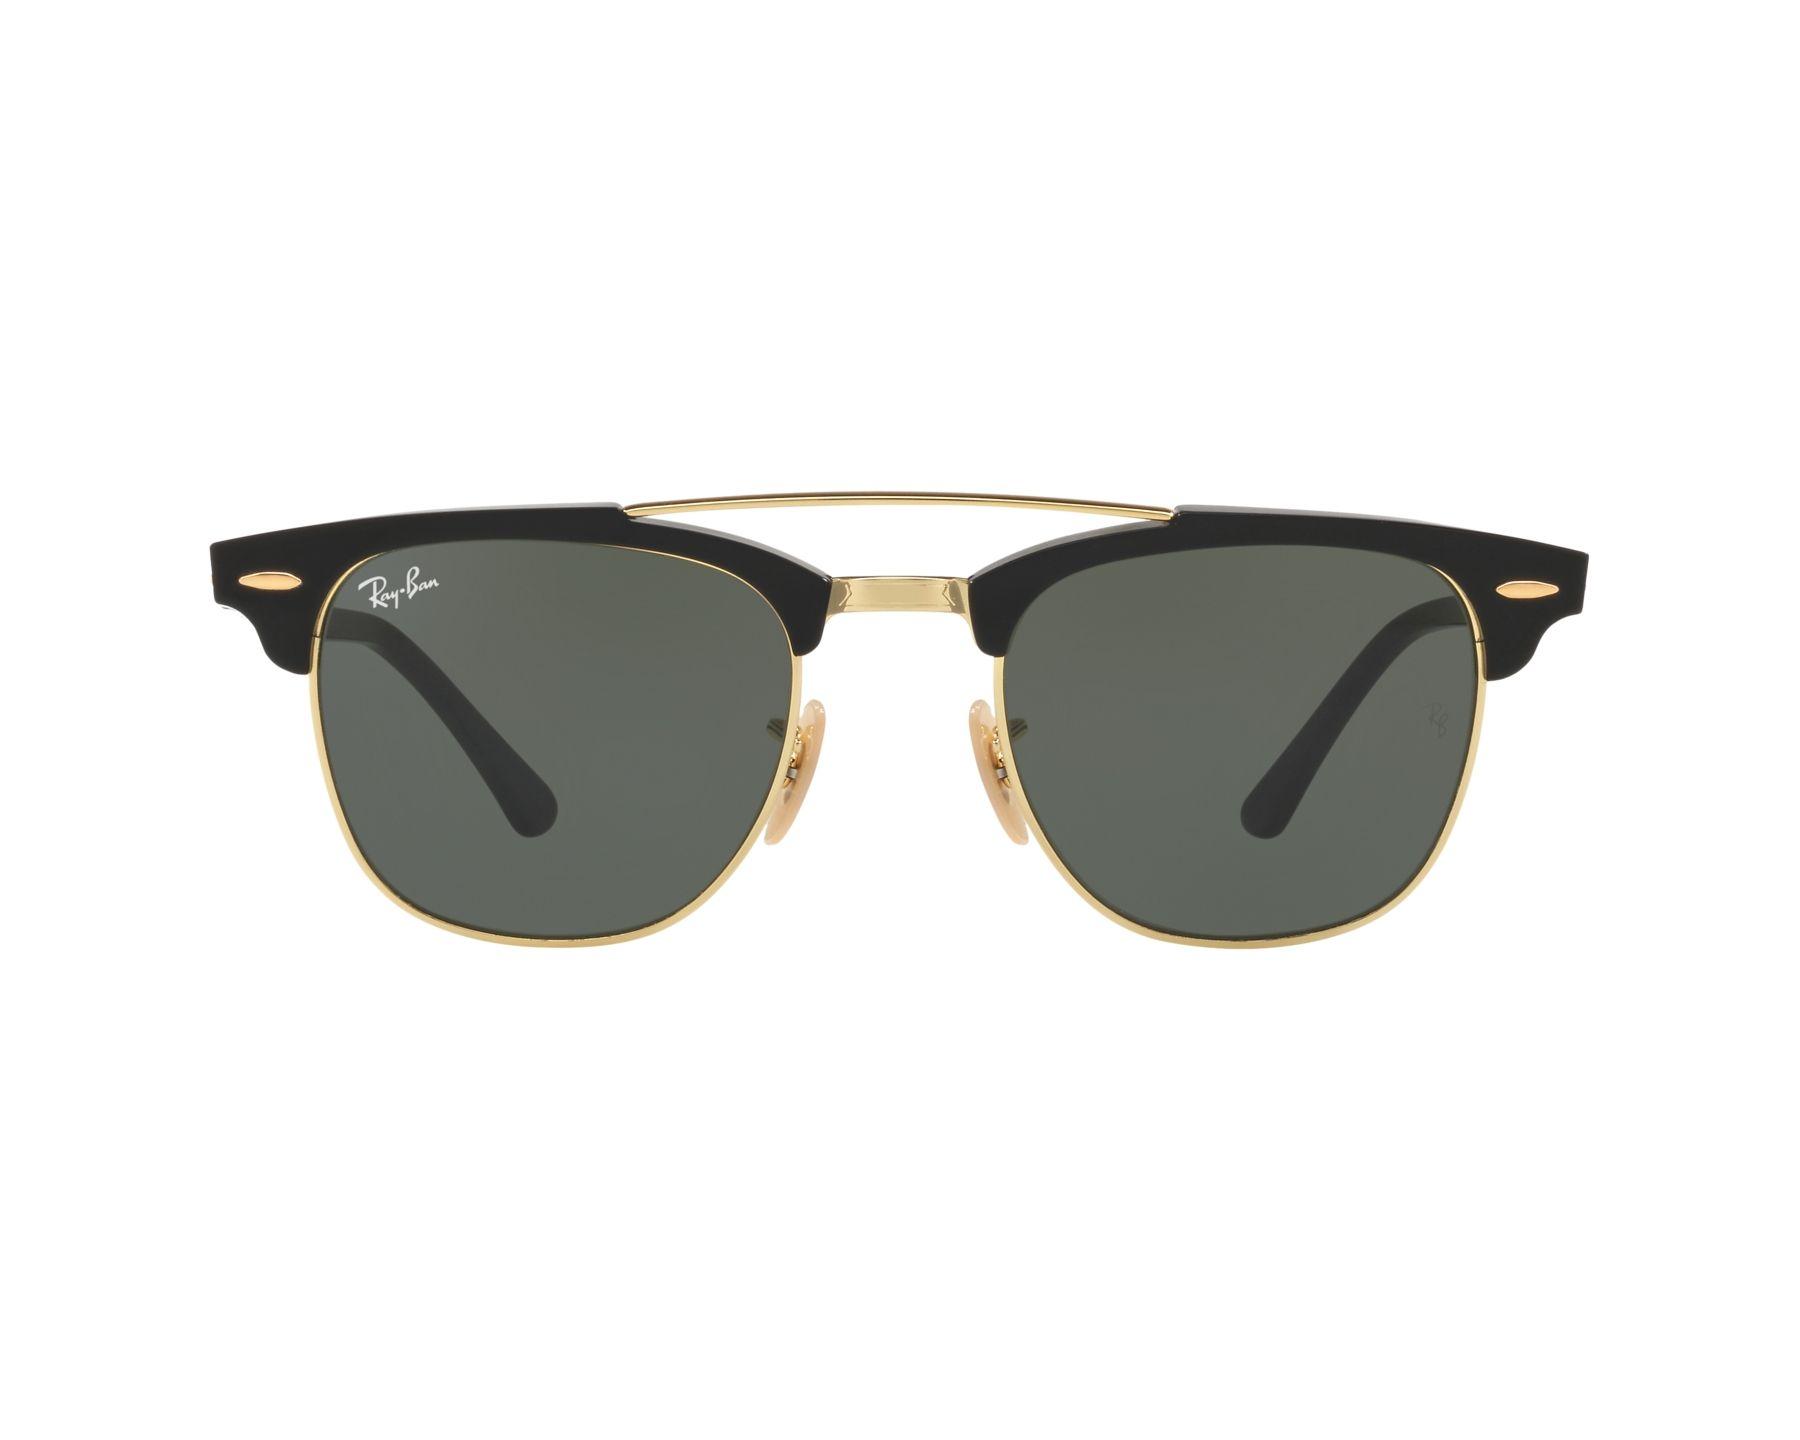 ray ban sonnenbrille schwarz gold